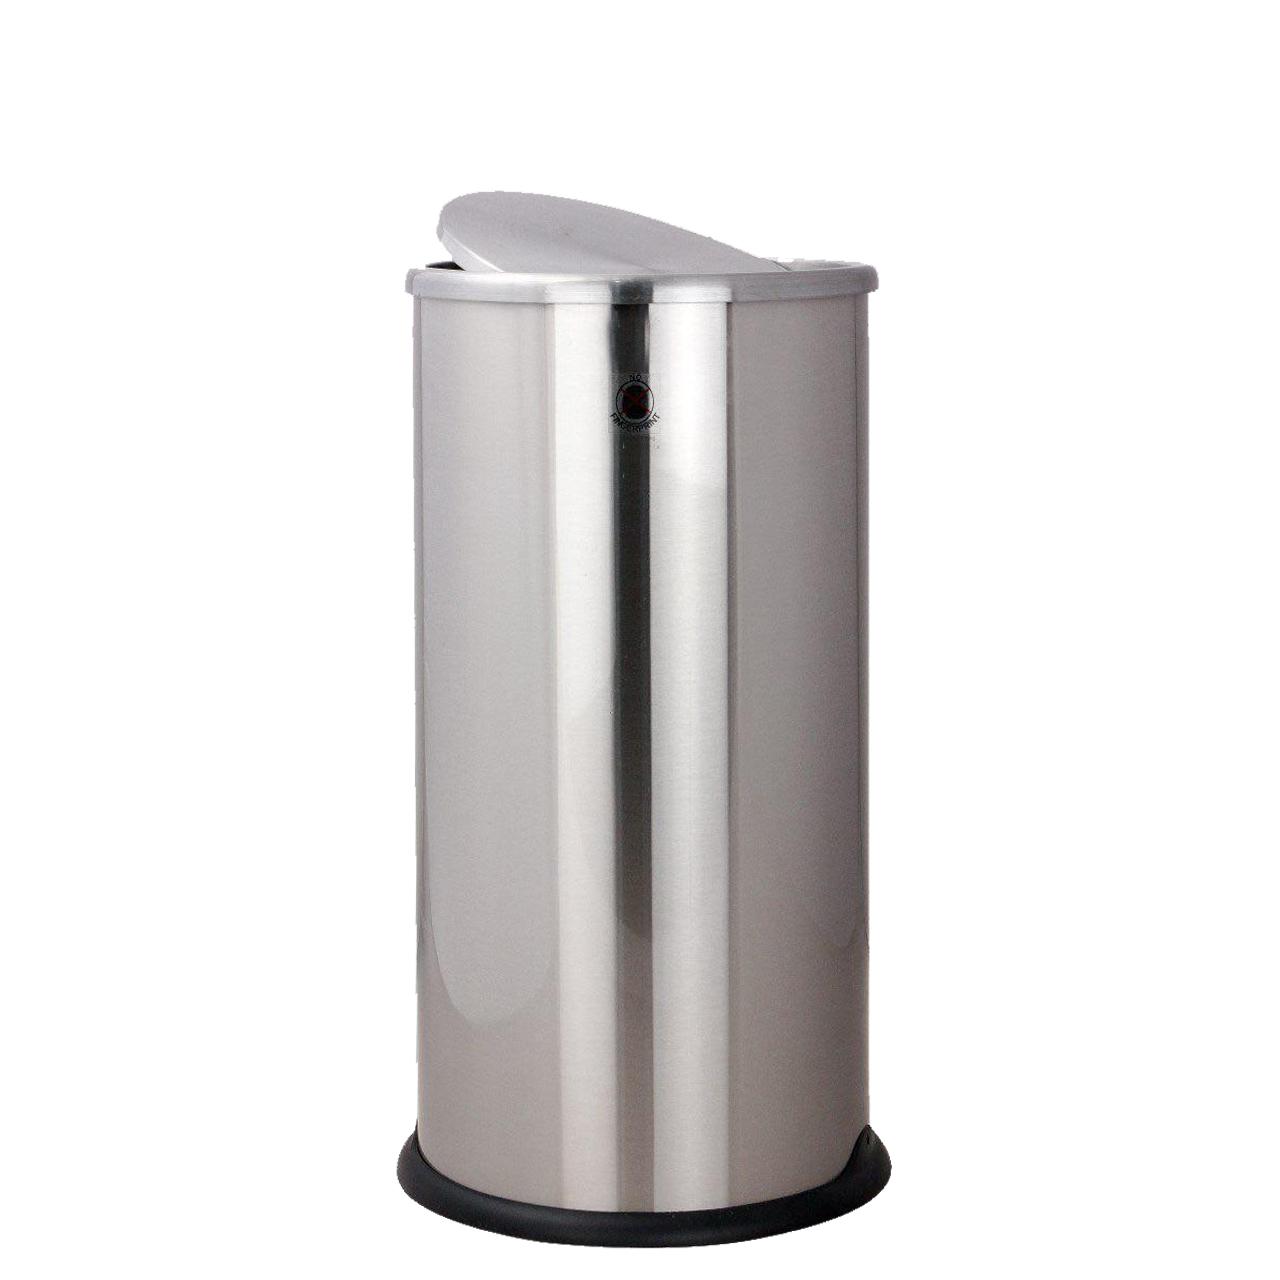 سطل زباله مدل B141